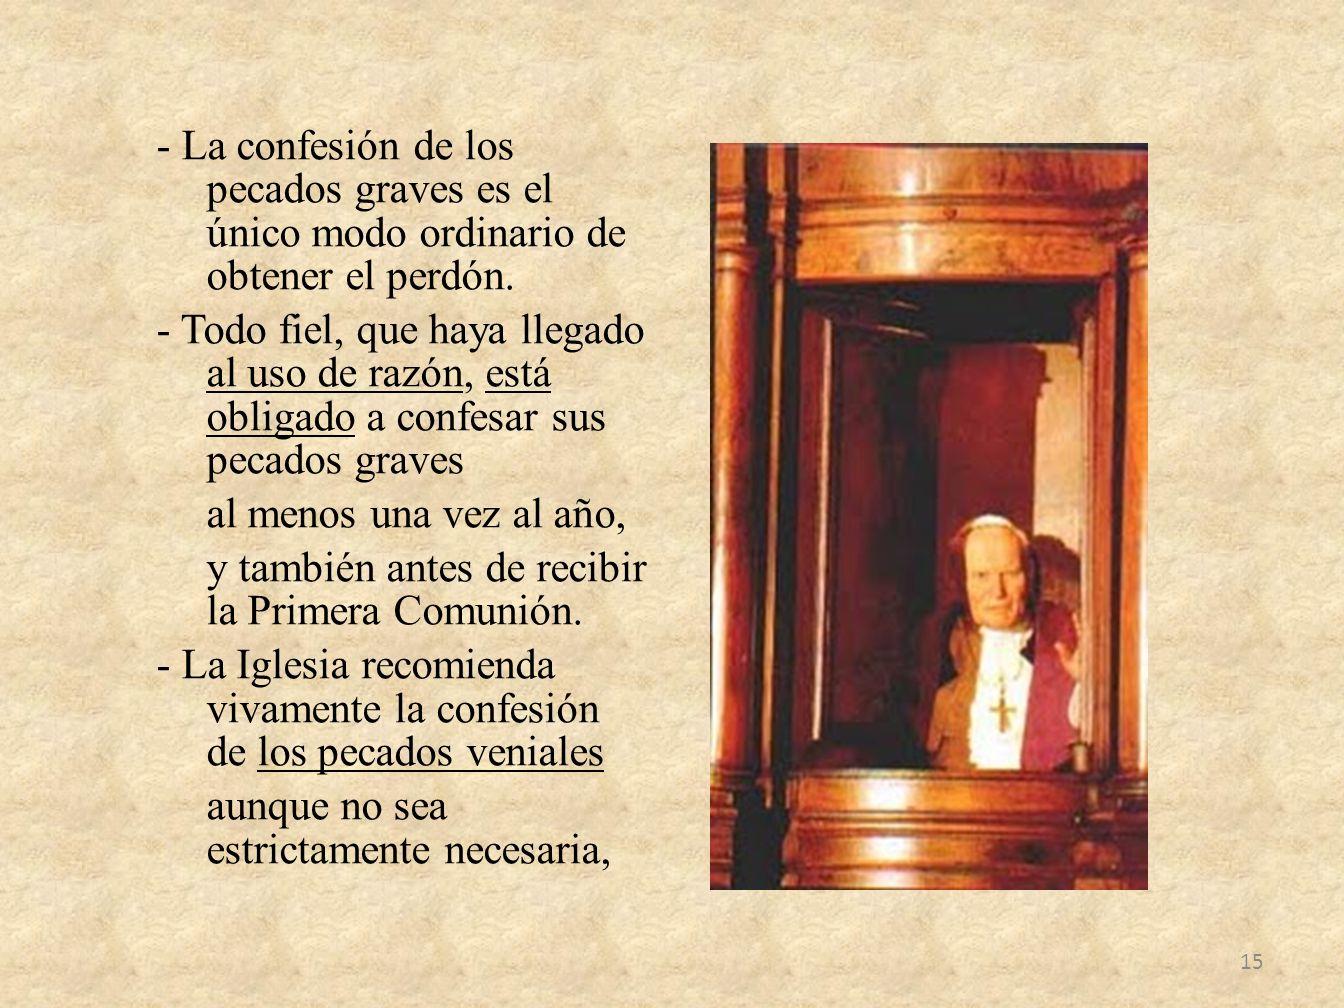 - La confesión de los pecados graves es el único modo ordinario de obtener el perdón.